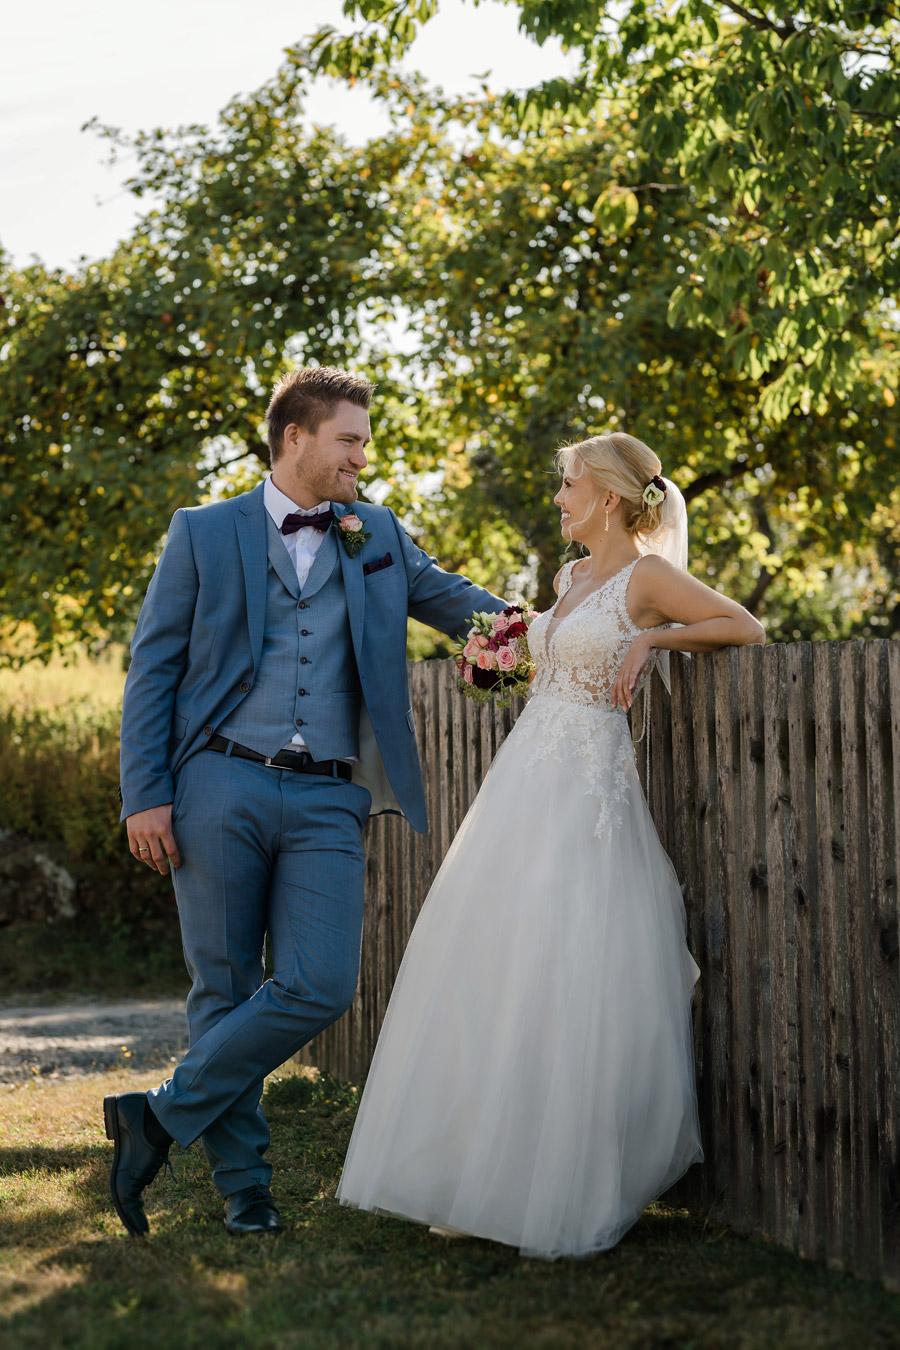 Hochzeitsfotograf Straubing | Bayern | Weddingphotographer | Hochzeitsfotos